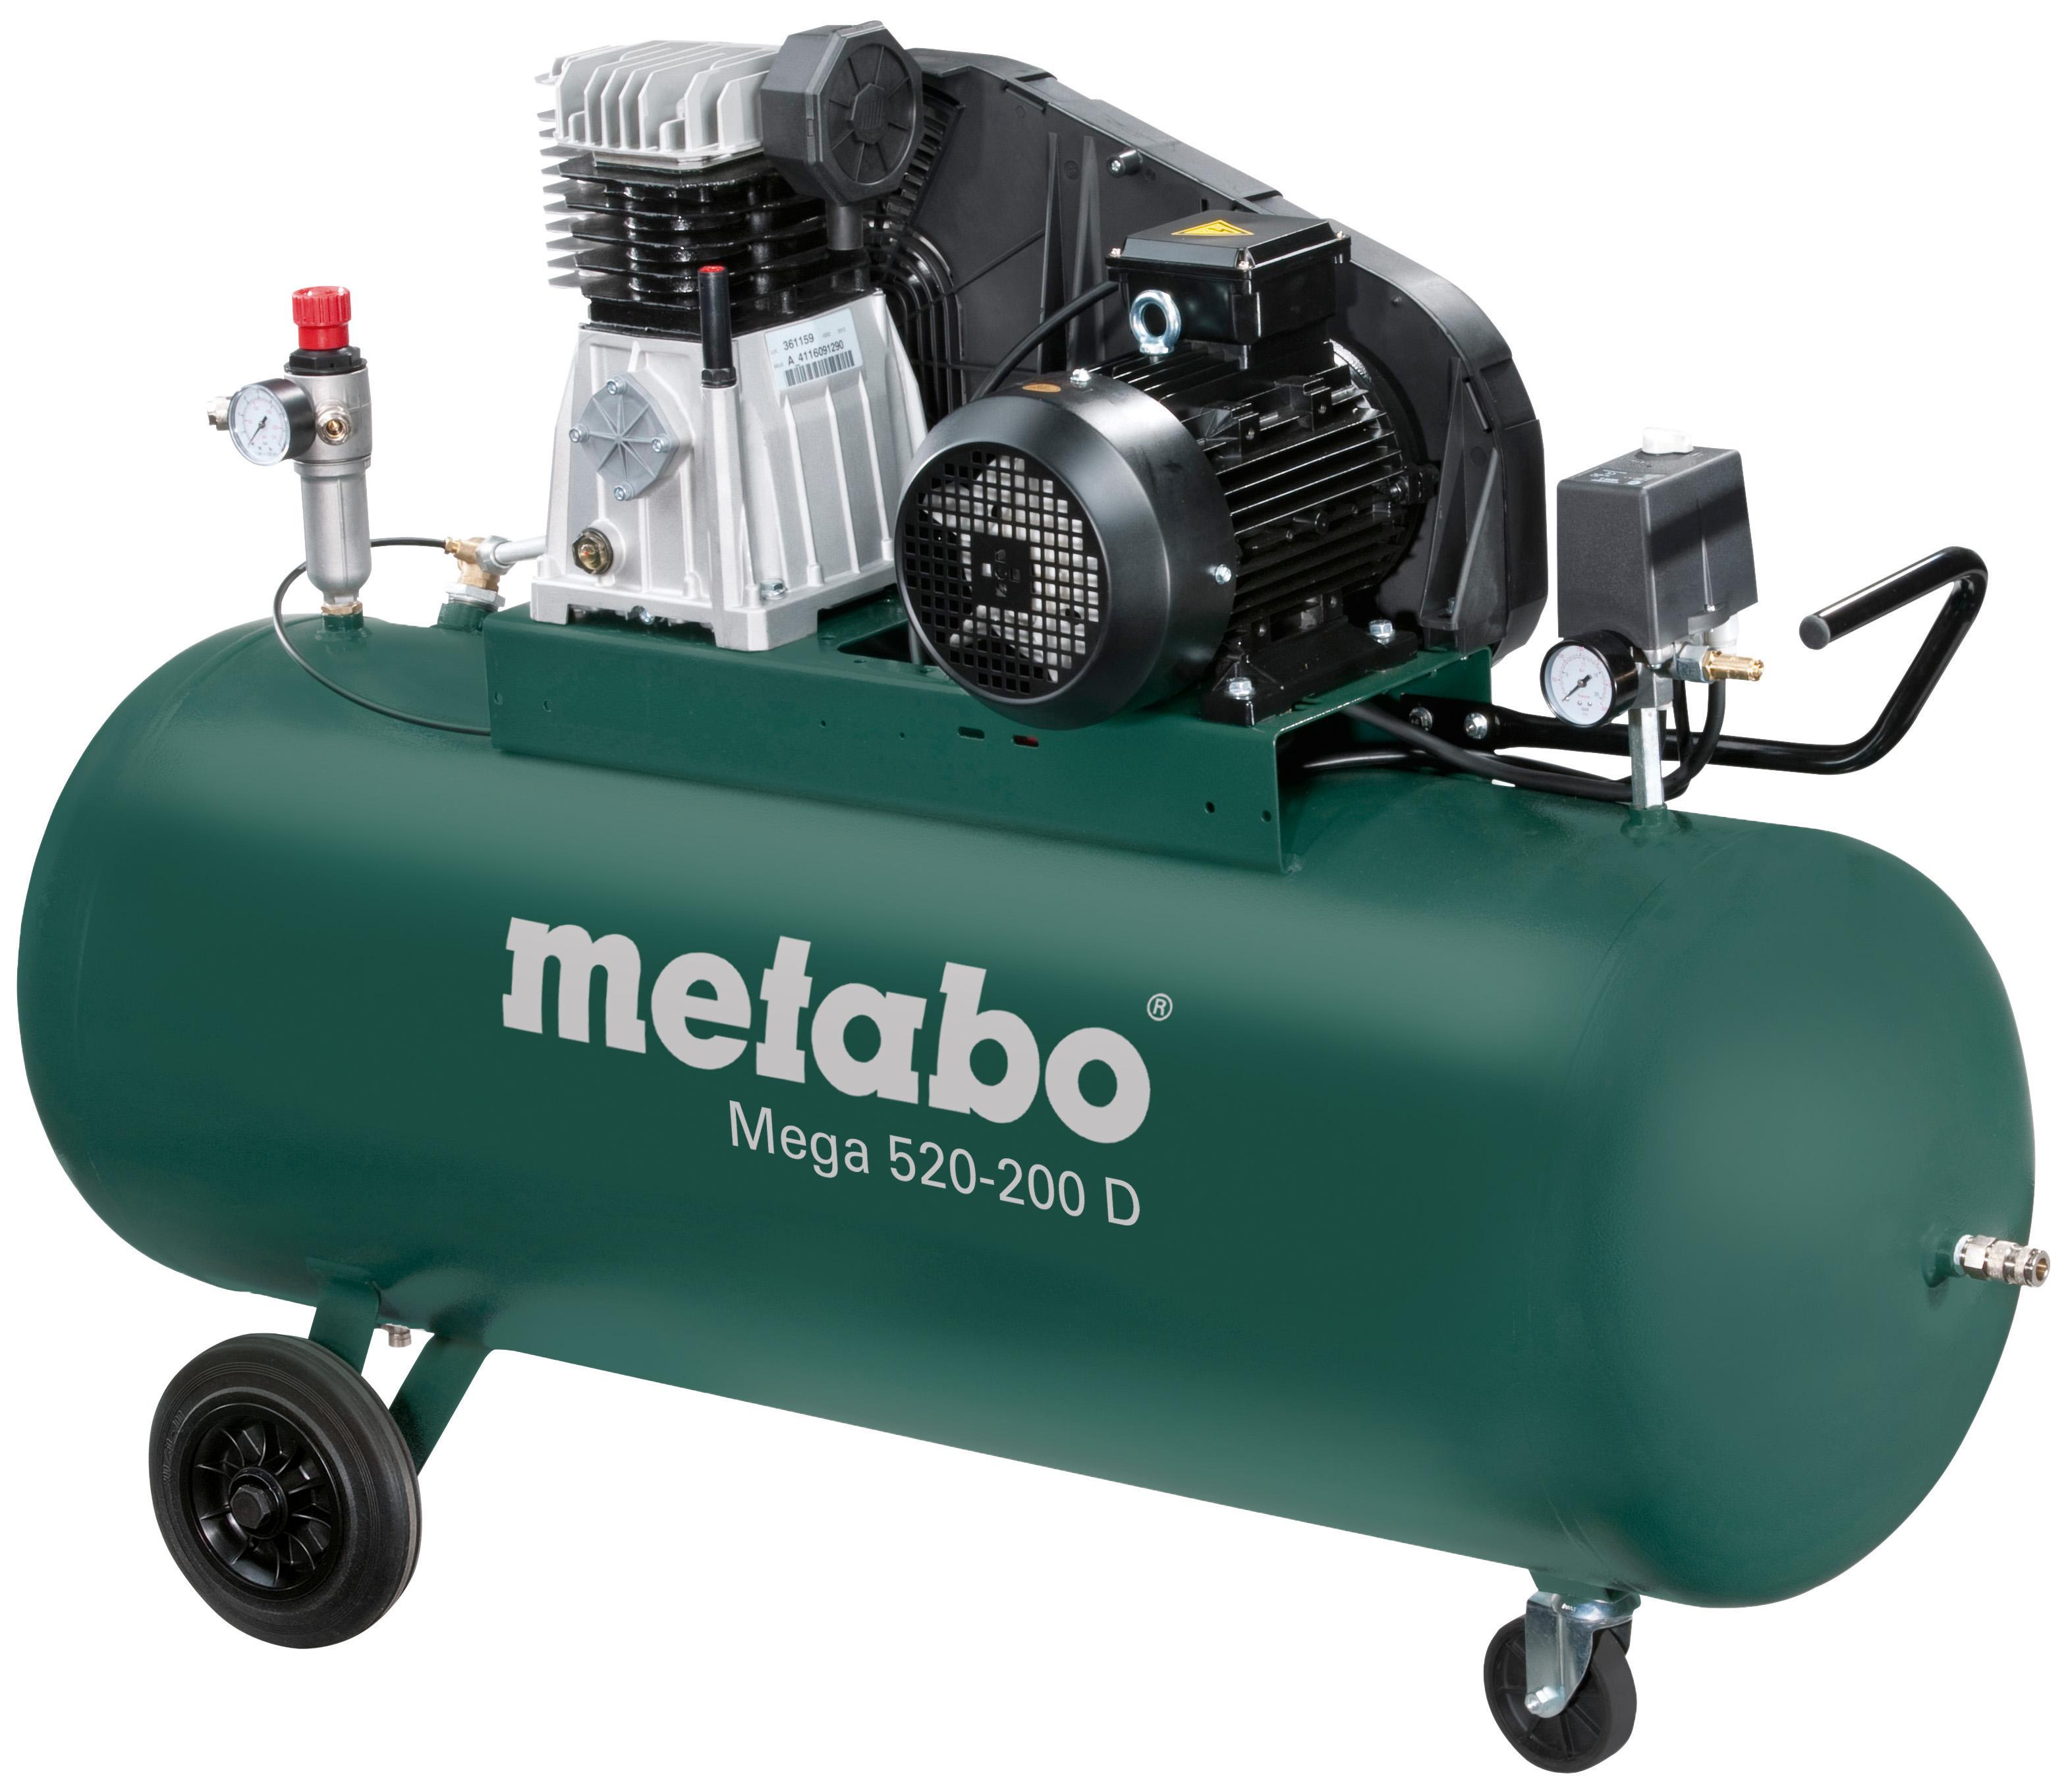 Компрессор поршневой Metabo Mega 520-200 d (601541000) компрессор ременной metabo mega 580 200 d